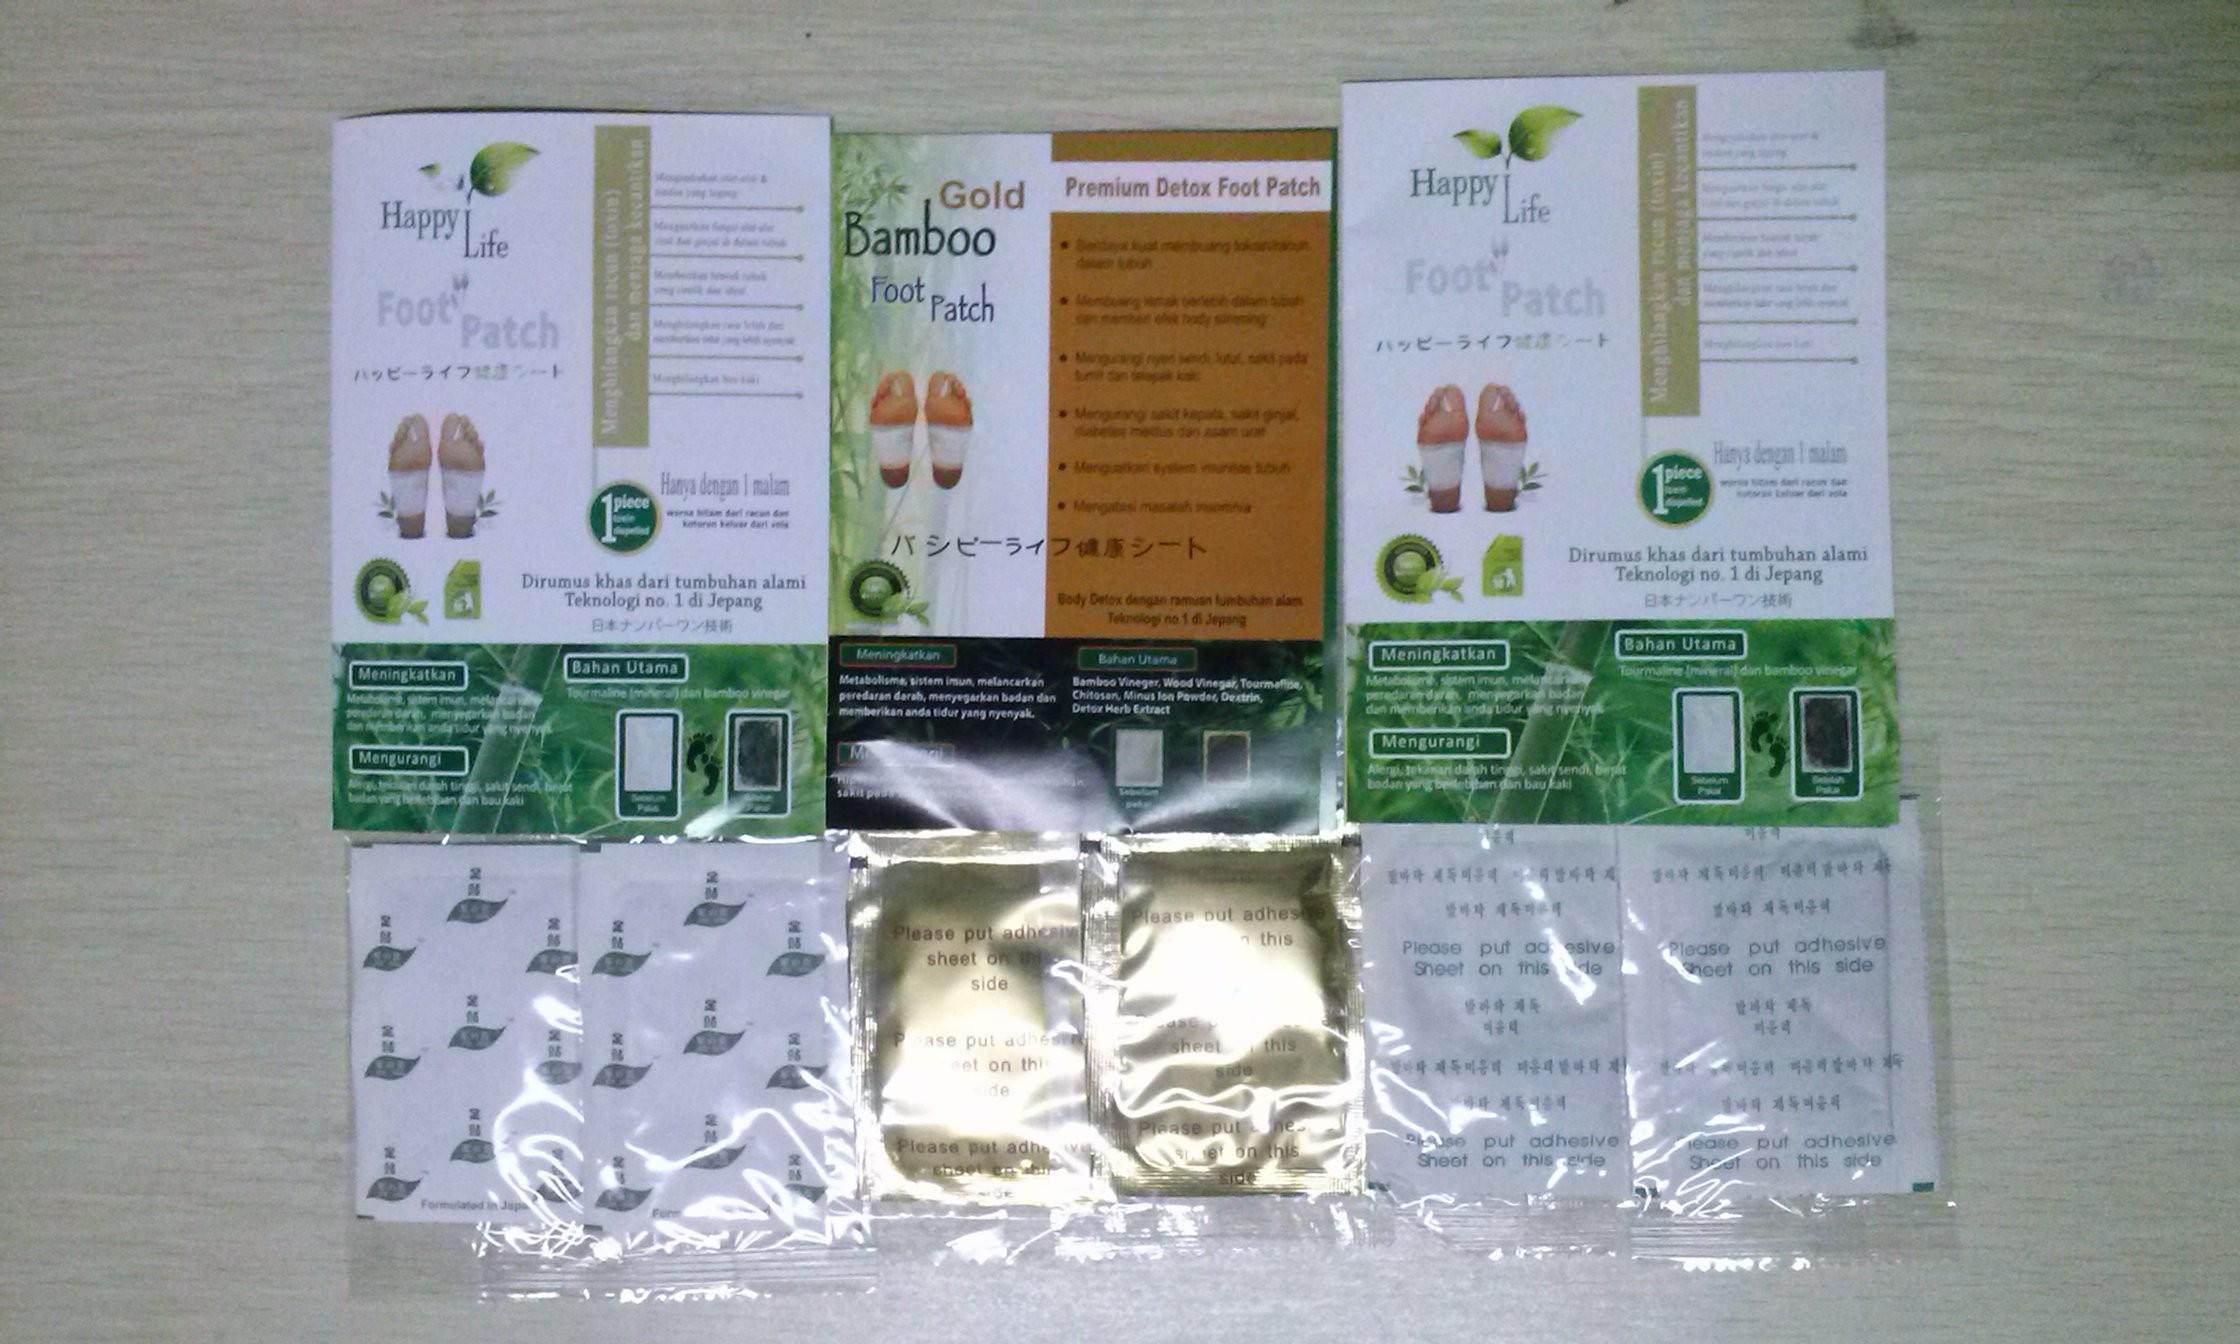 Jual Murah Koyo Kaki Bamboo Original Terbaru 2018 Gold Penyerap Racun Tubuh Gogo Premiun Foot Patch 10 Pasang Beli Harga Goldrelax Perbedaan Happy